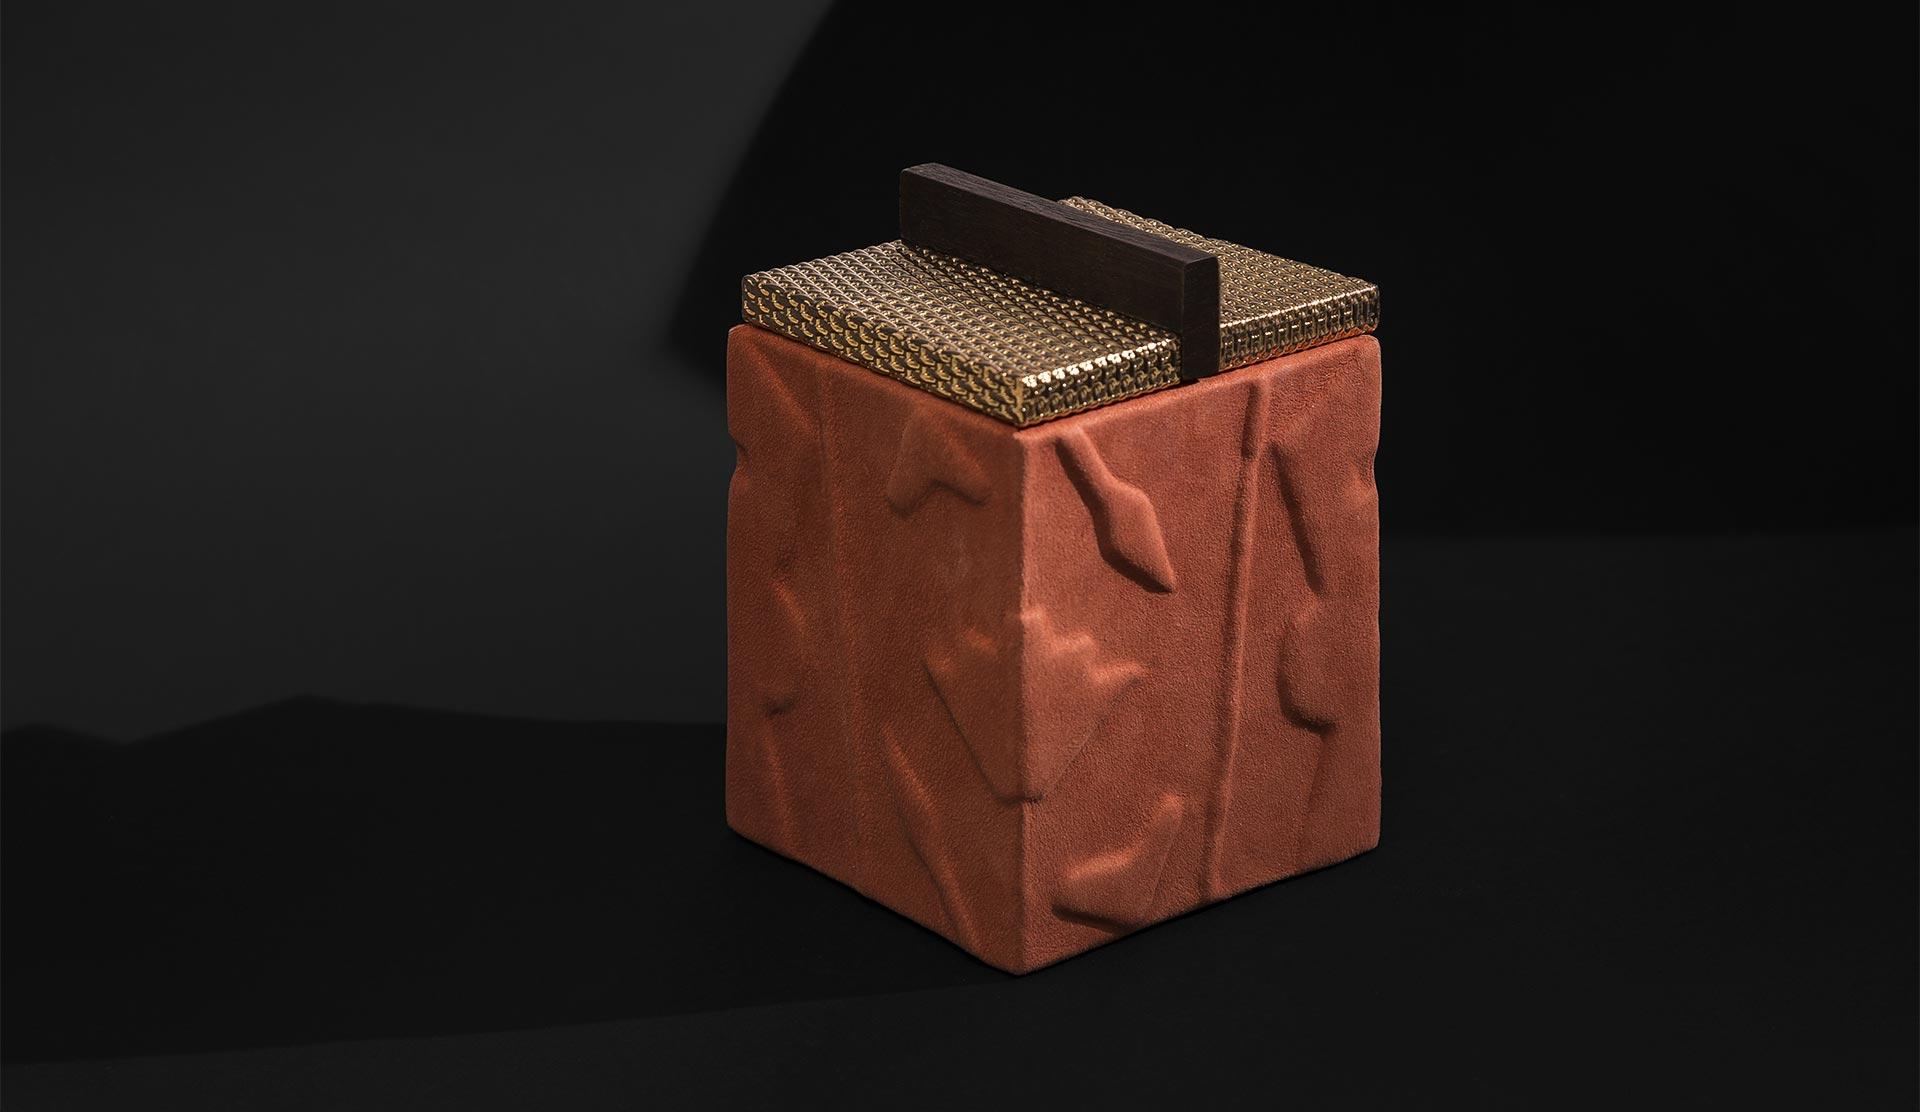 IX BOX